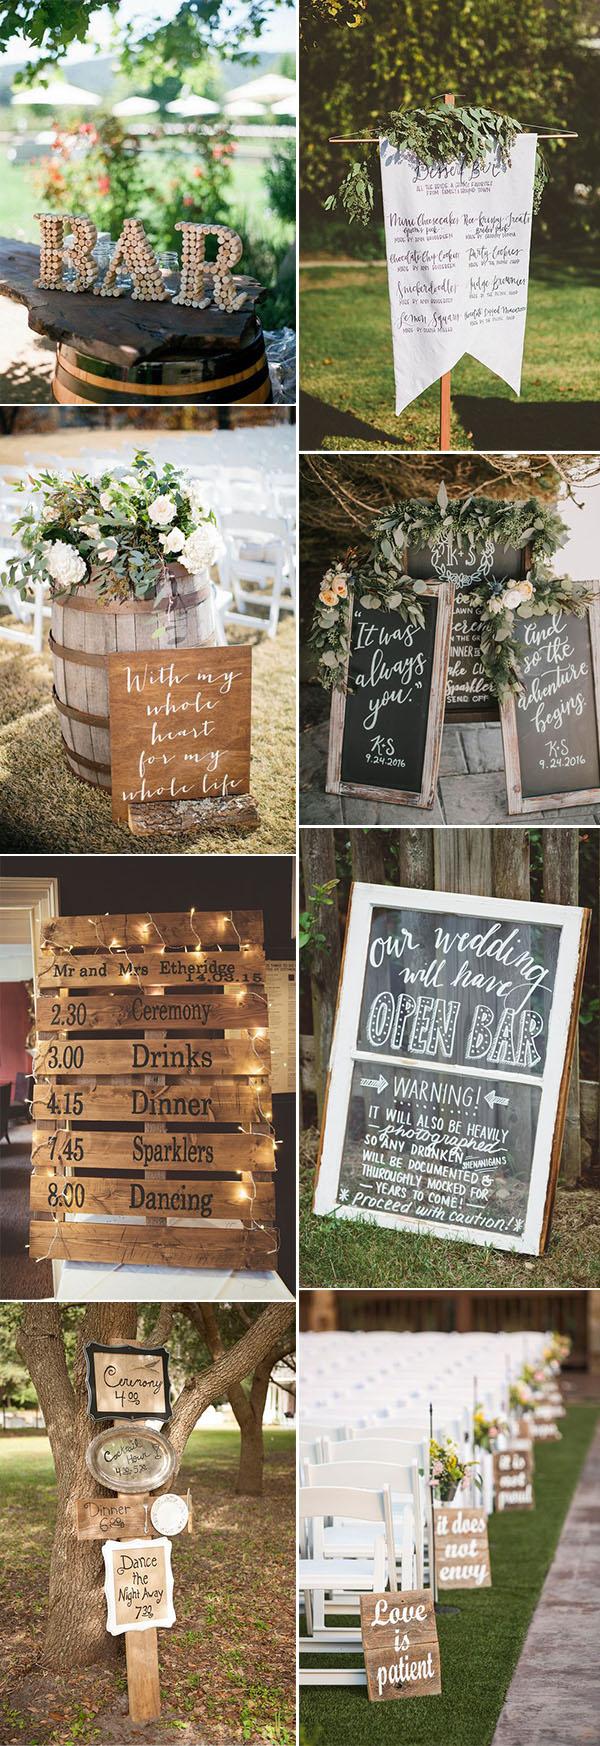 Diy Wedding Decor Ideas 28 Creative Budget Friendly Diy Wedding Decoration Ideas